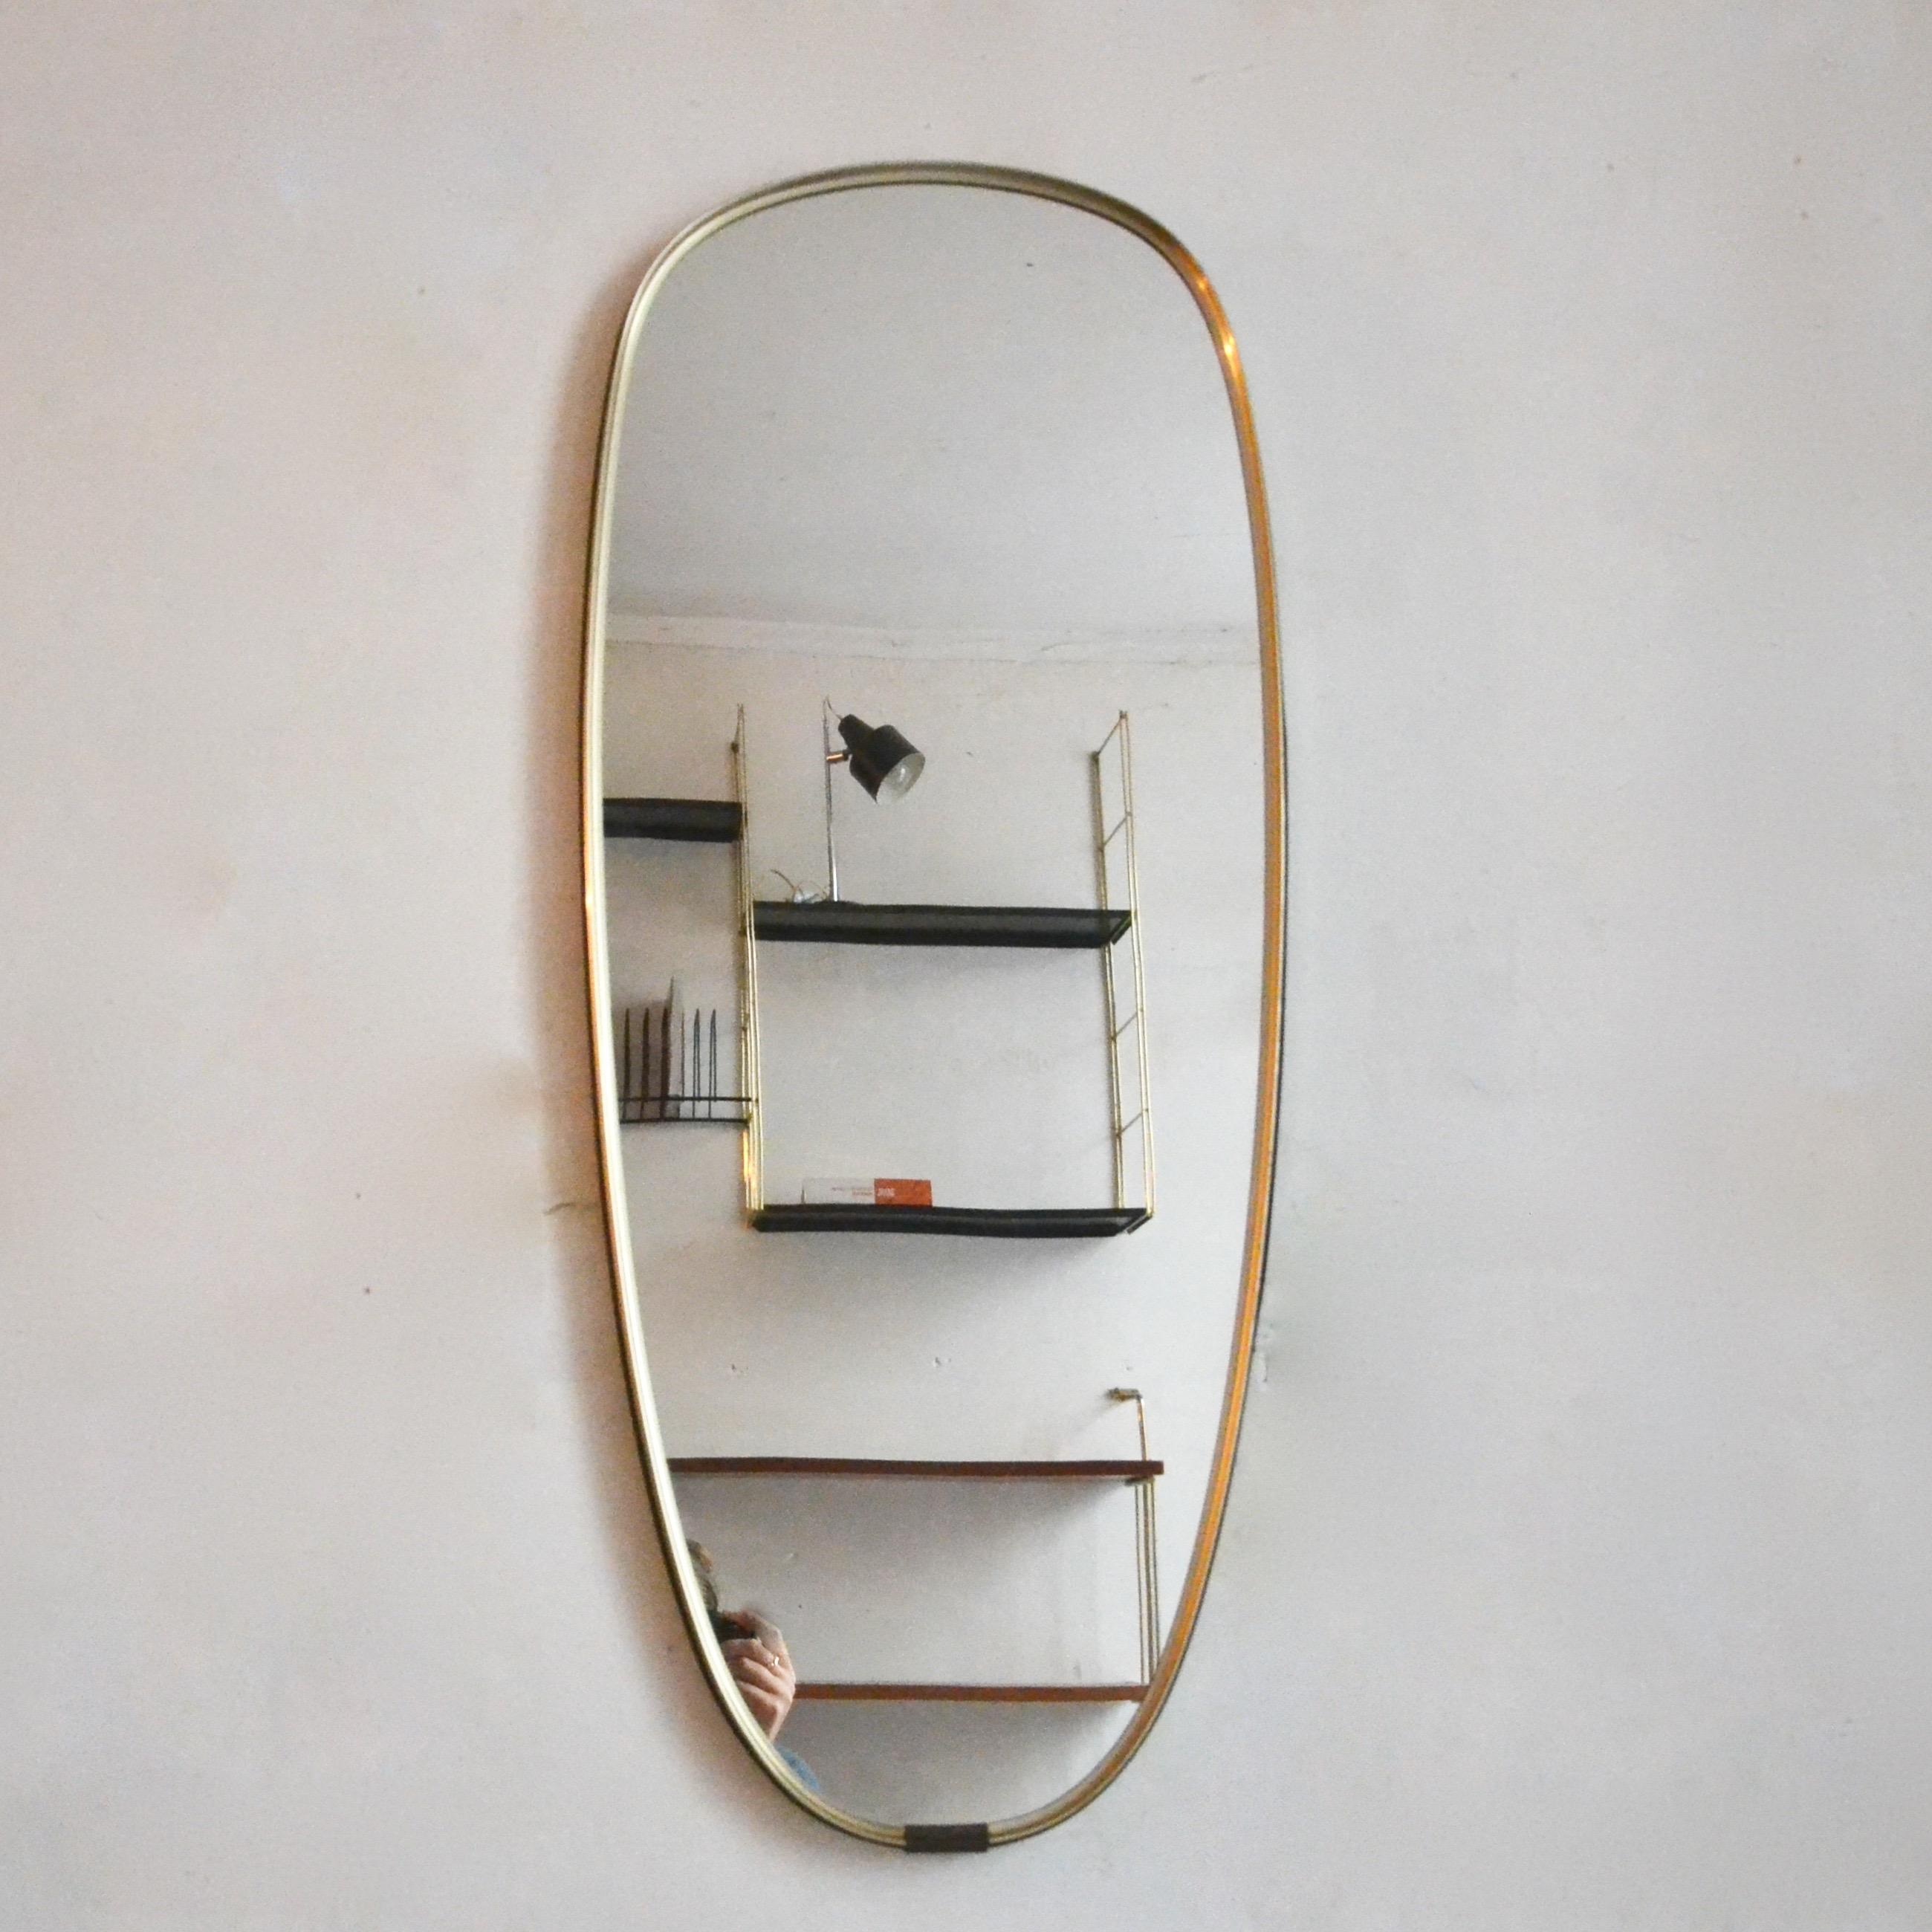 Miroir ann es 60 cercl en laiton noir et dor bindies for Miroir laiton